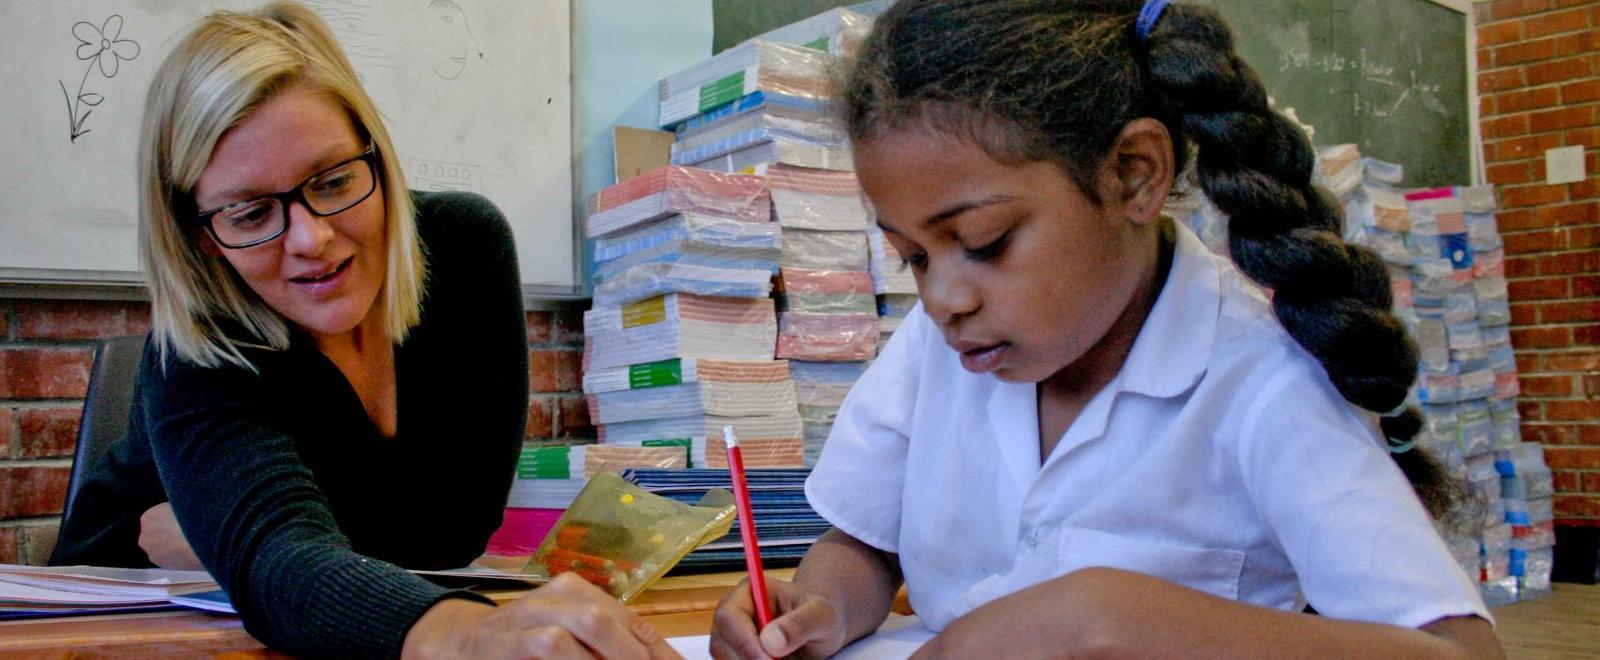 Estudiante escribe su tarea de una voluntaria de educación en Sudáfrica.